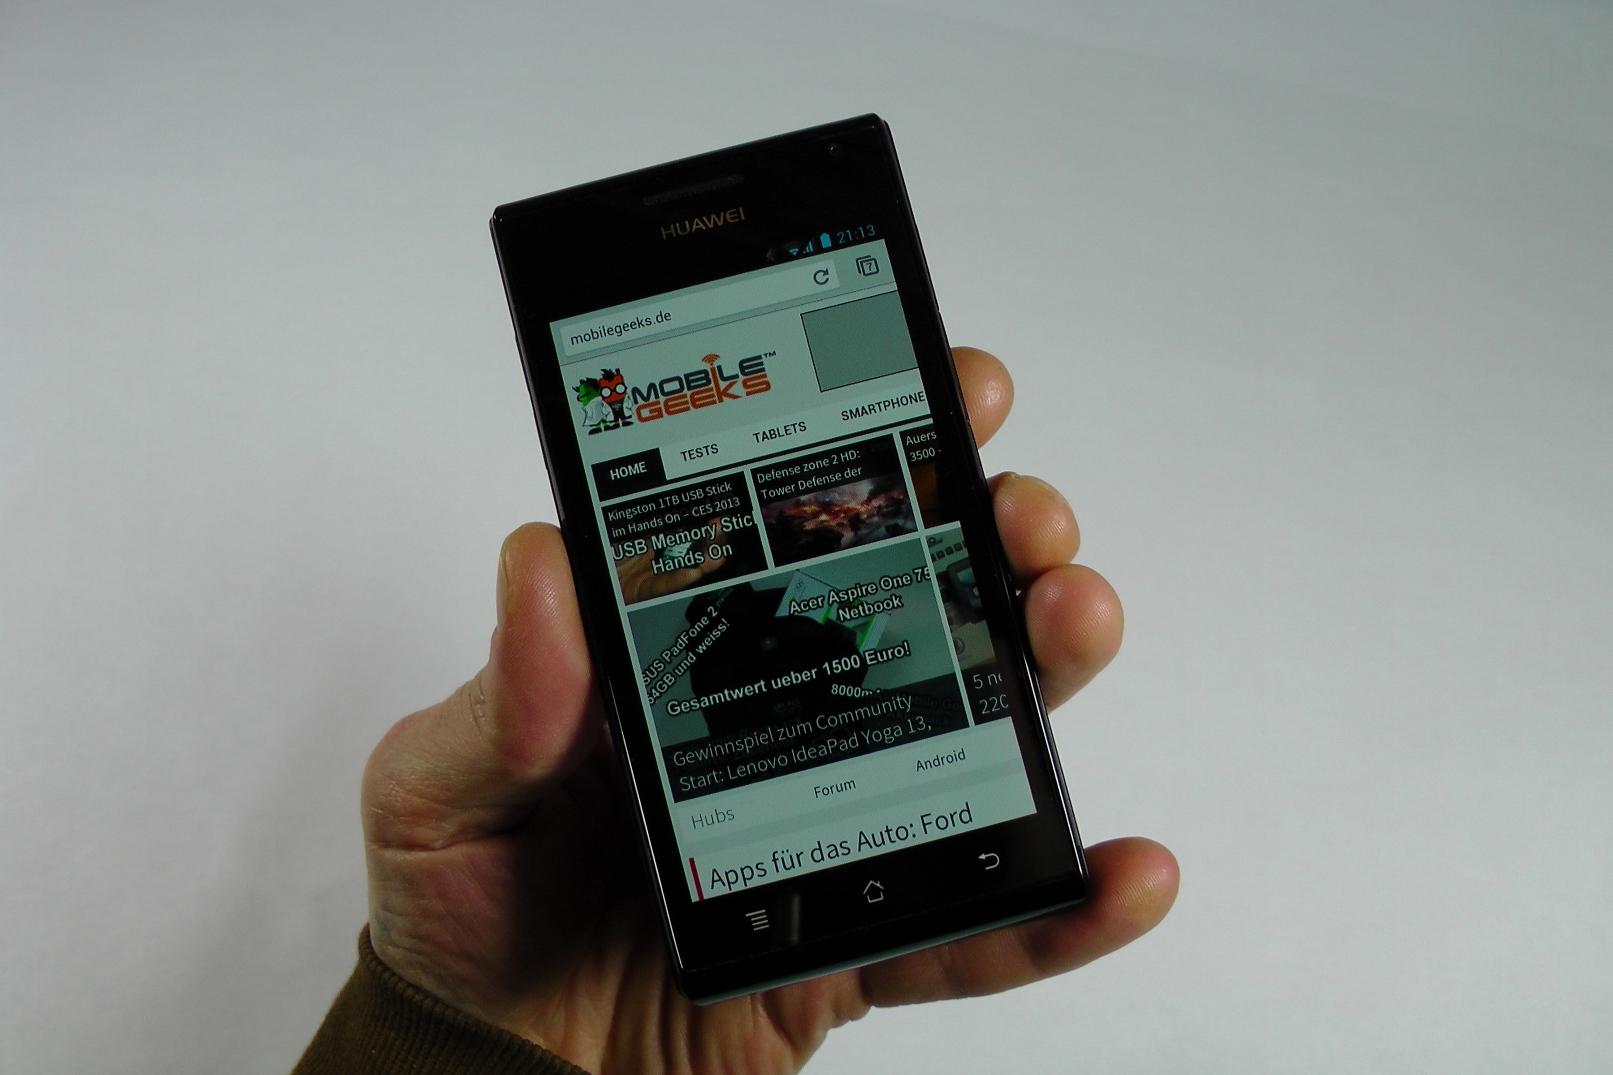 Huawei Ascend P1 im ausführlichen Testbericht